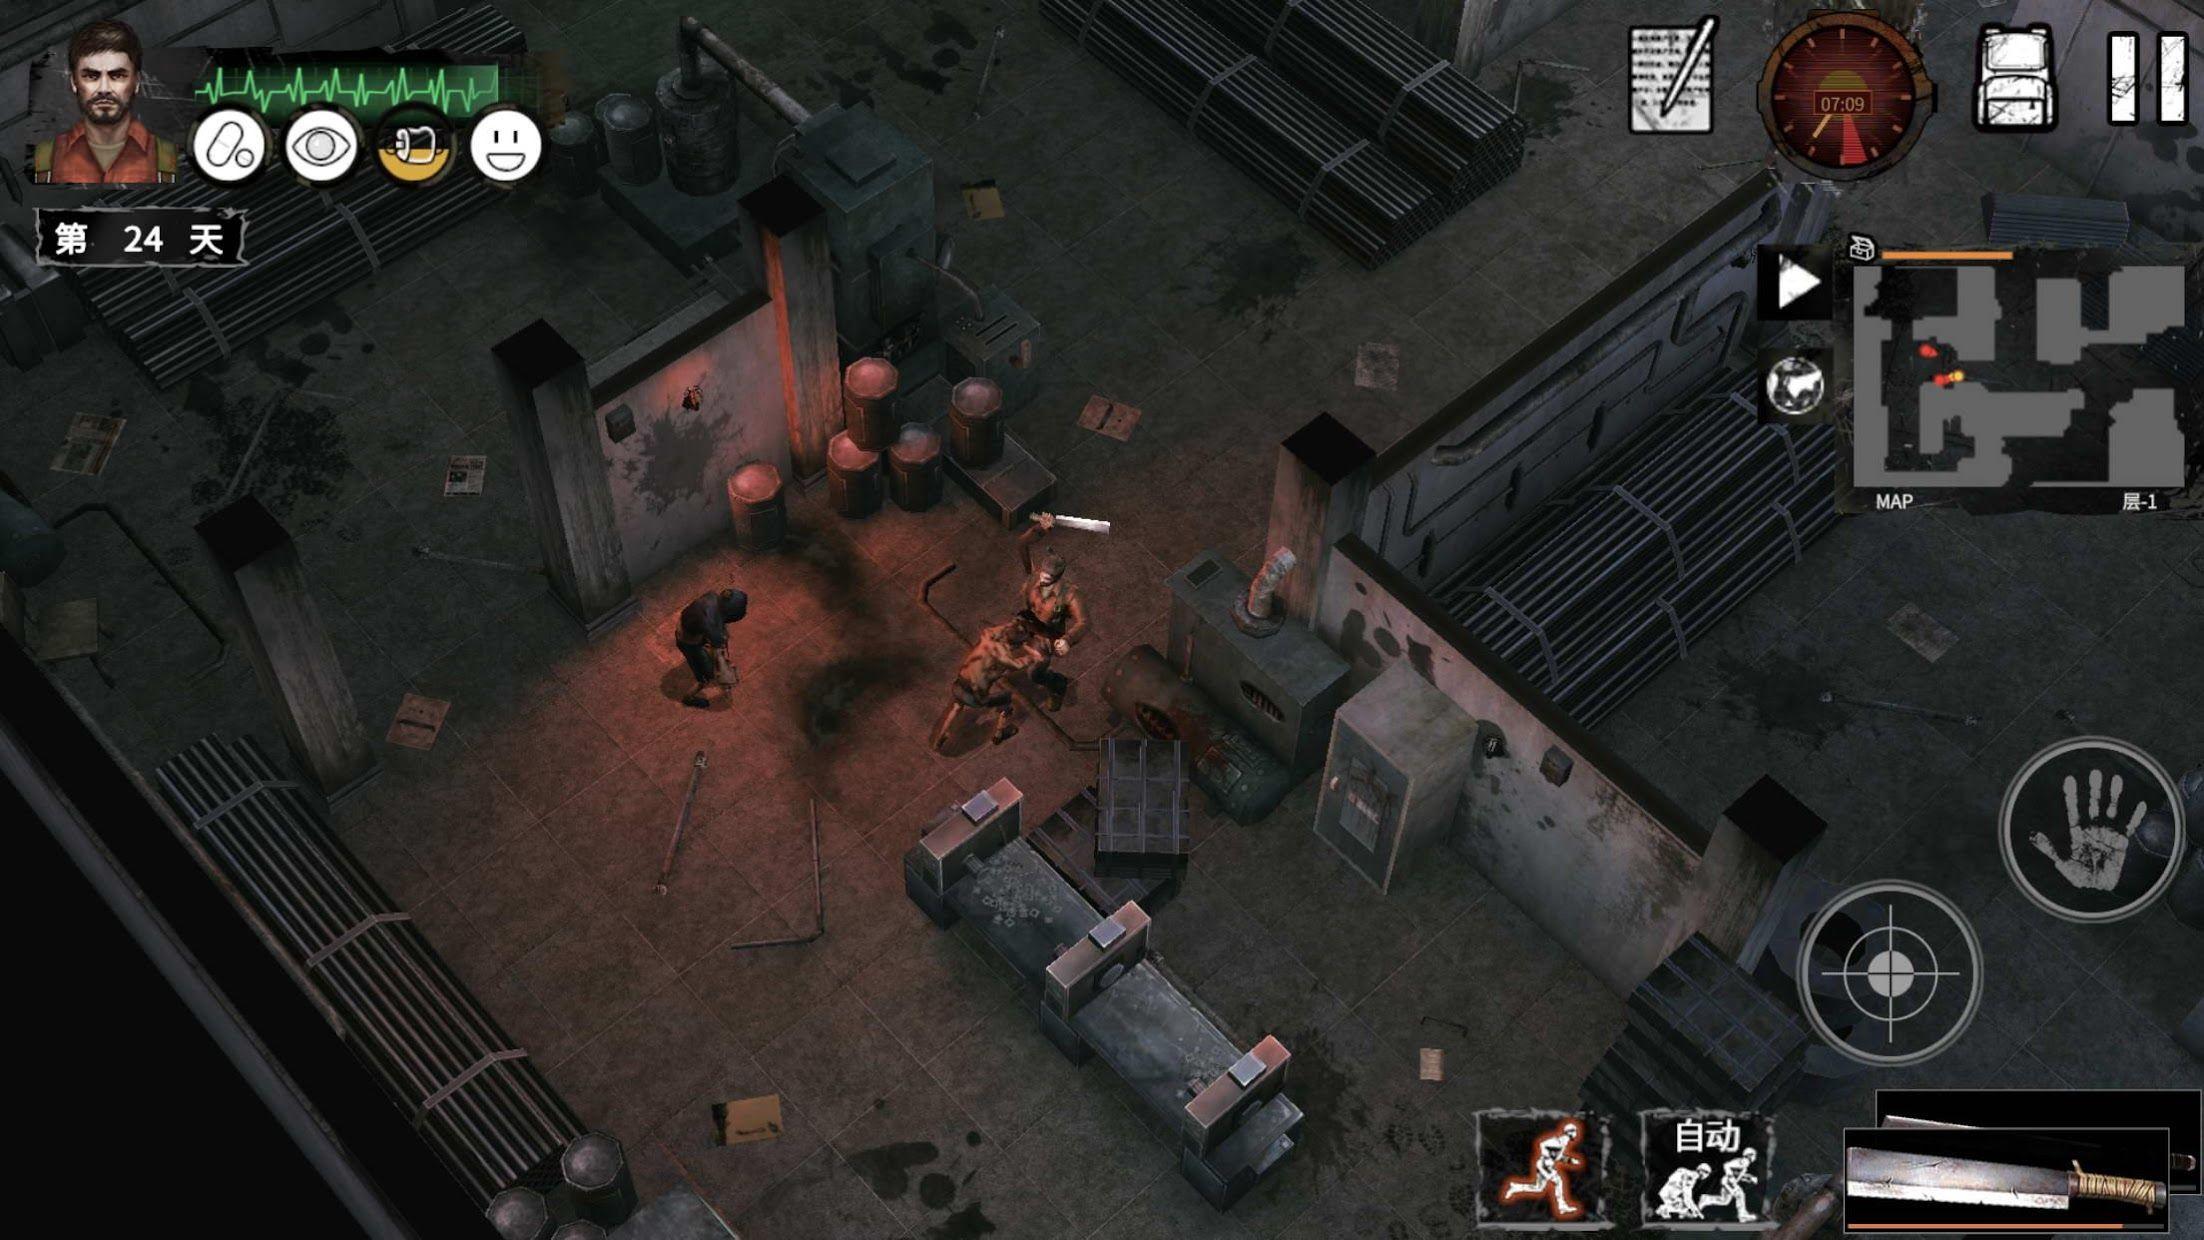 末日方舟: 生存 游戏截图2